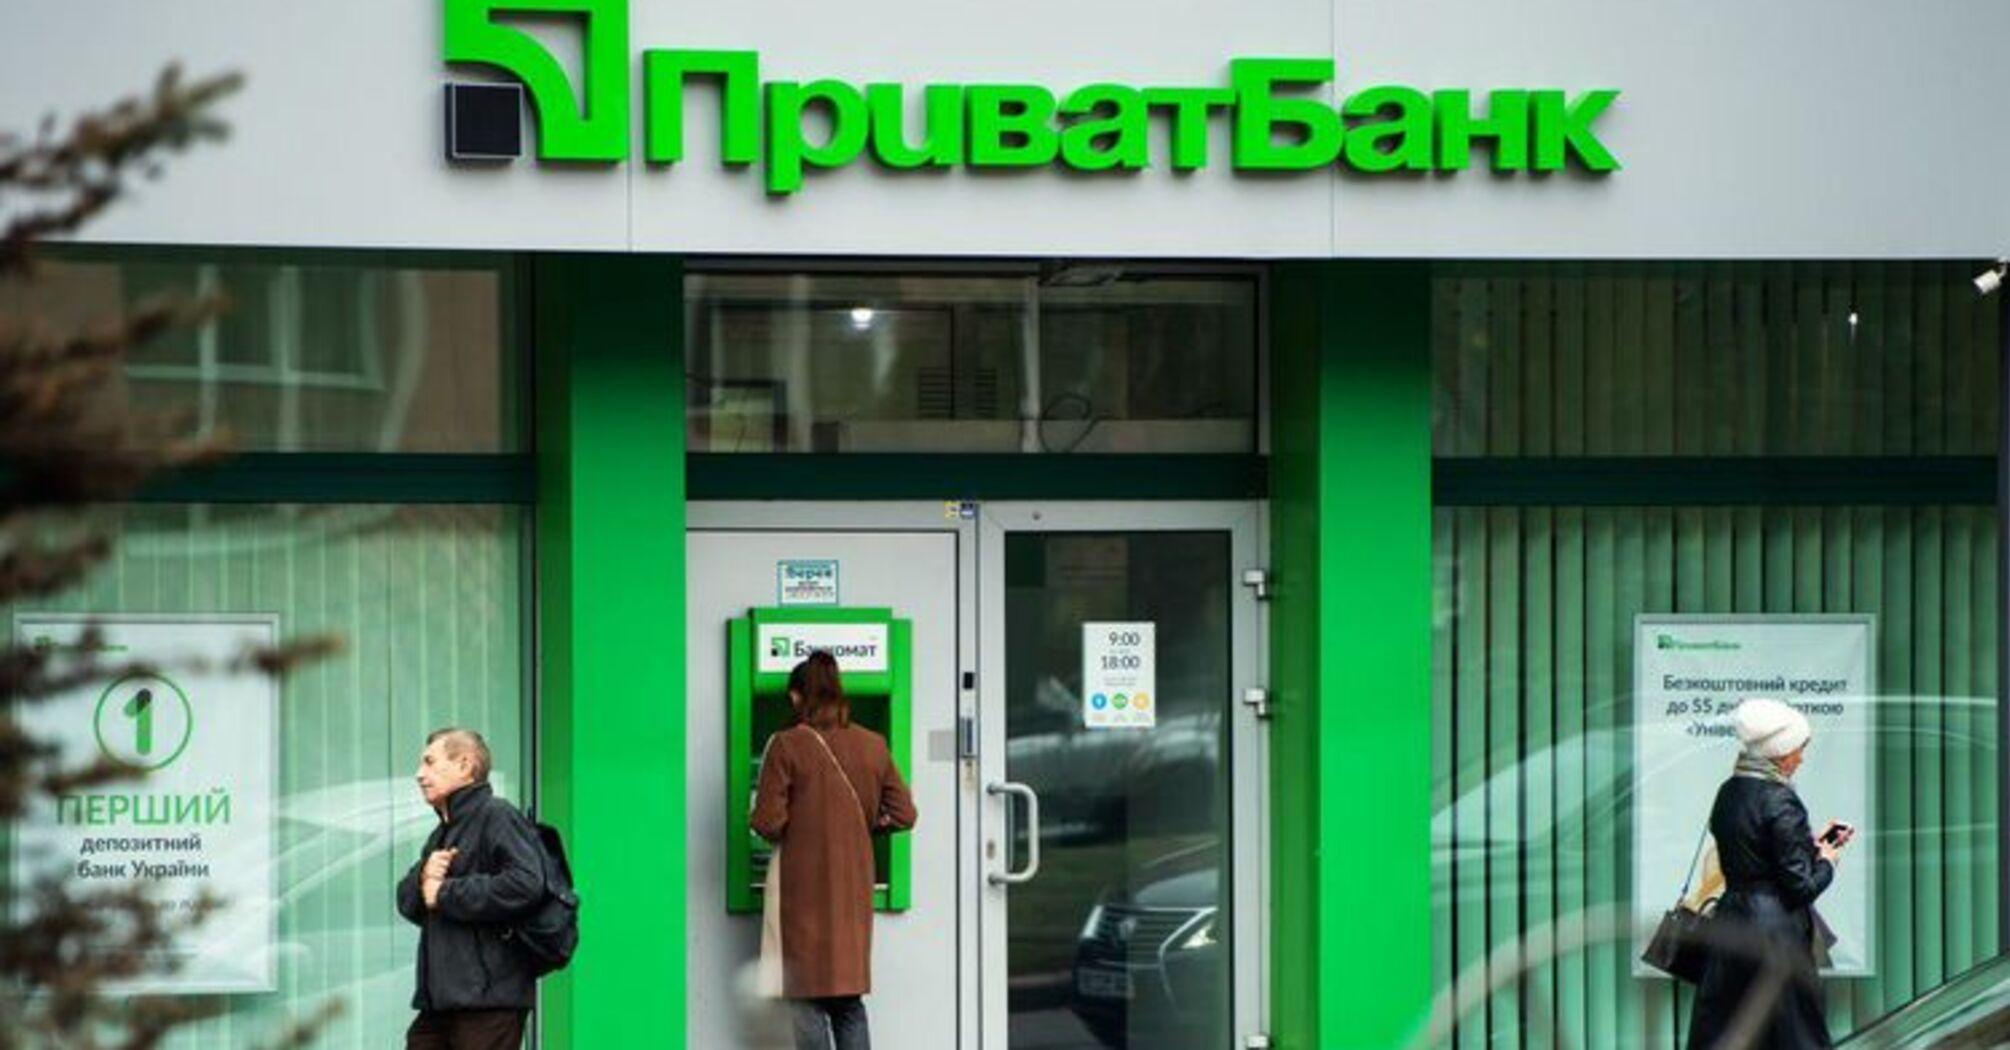 У Приватбанку прокоментували проблеми з ідентифікацією